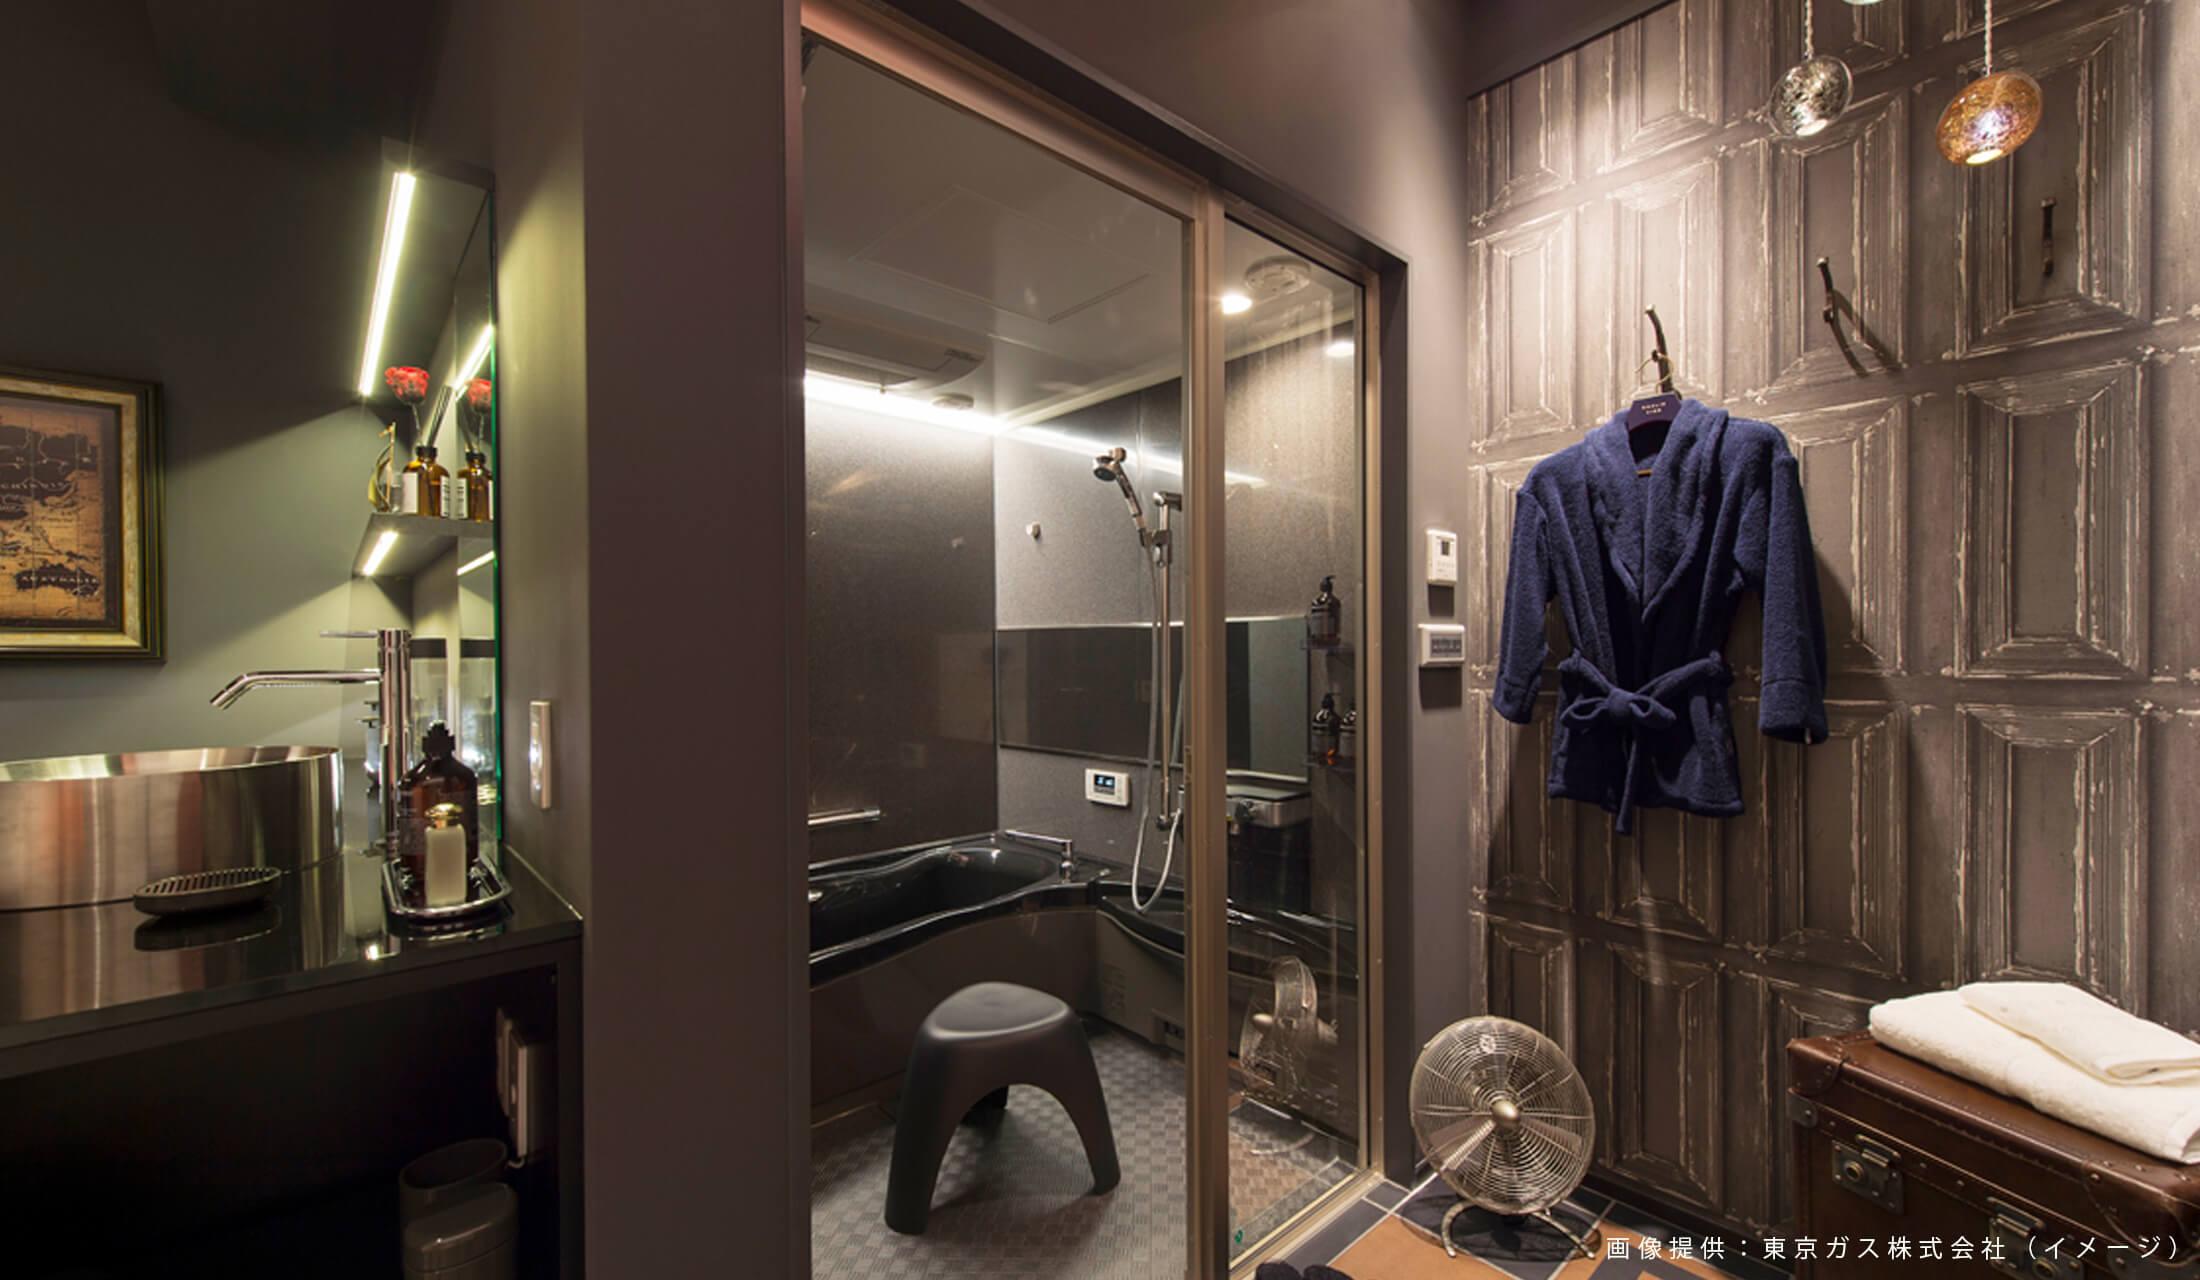 浴室前の壁にはバスローブが掛けられ、黒を基調としたバスルーム内の天井にはミストサウナが設置されている